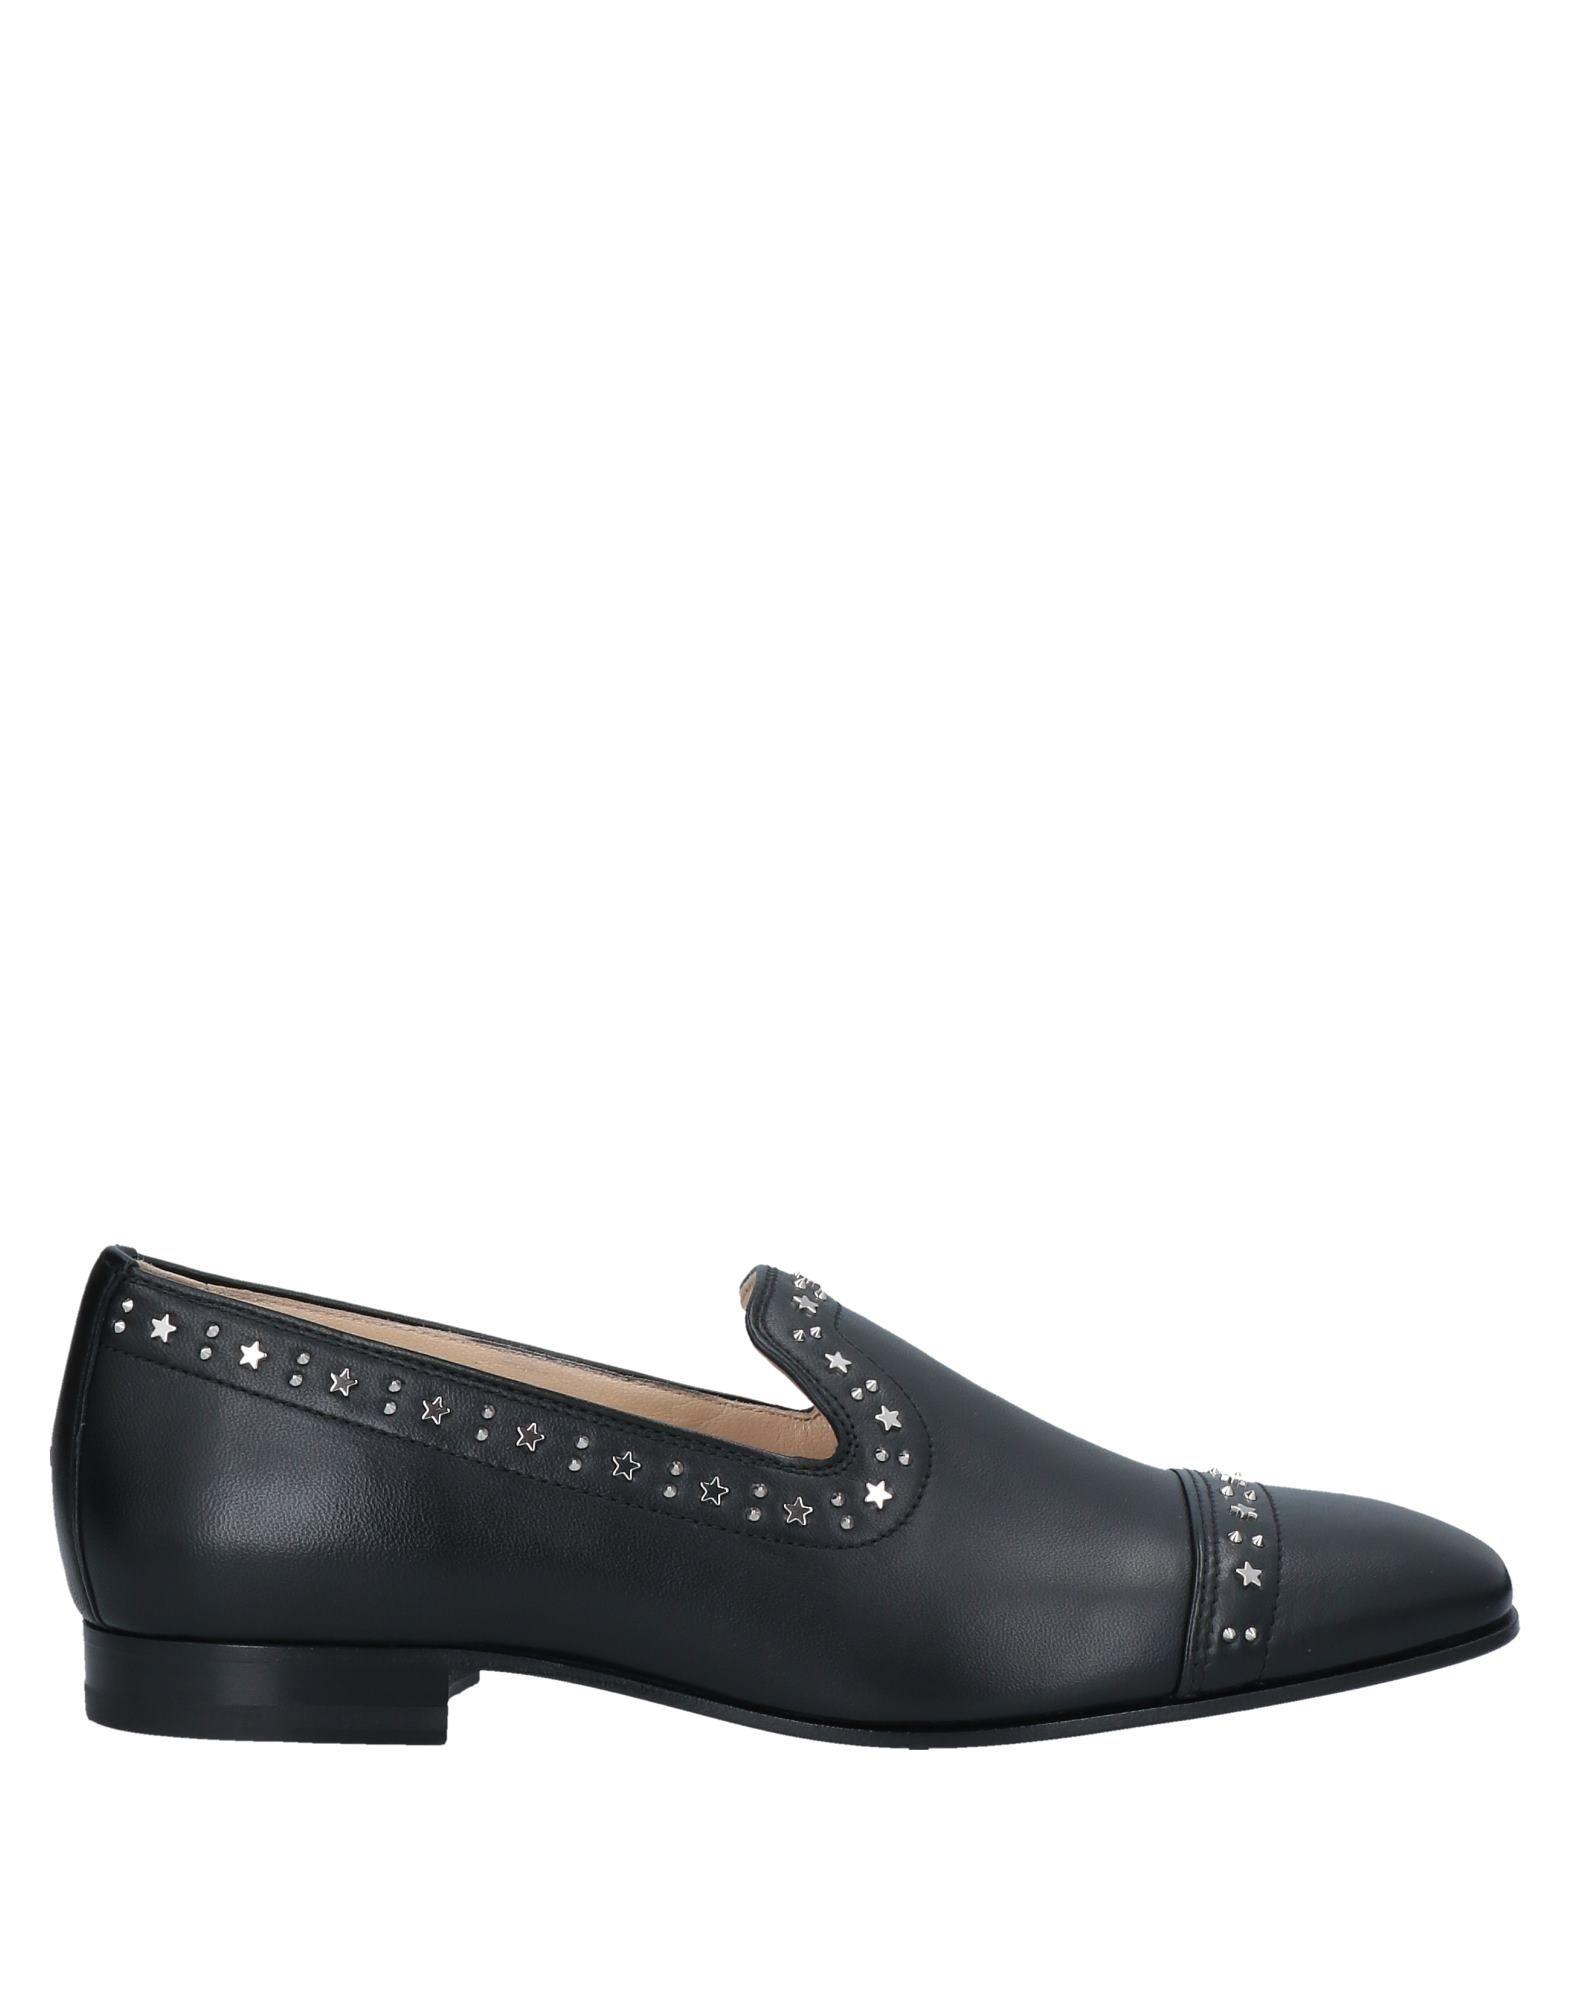 Jimmy Choo Loafers In Black